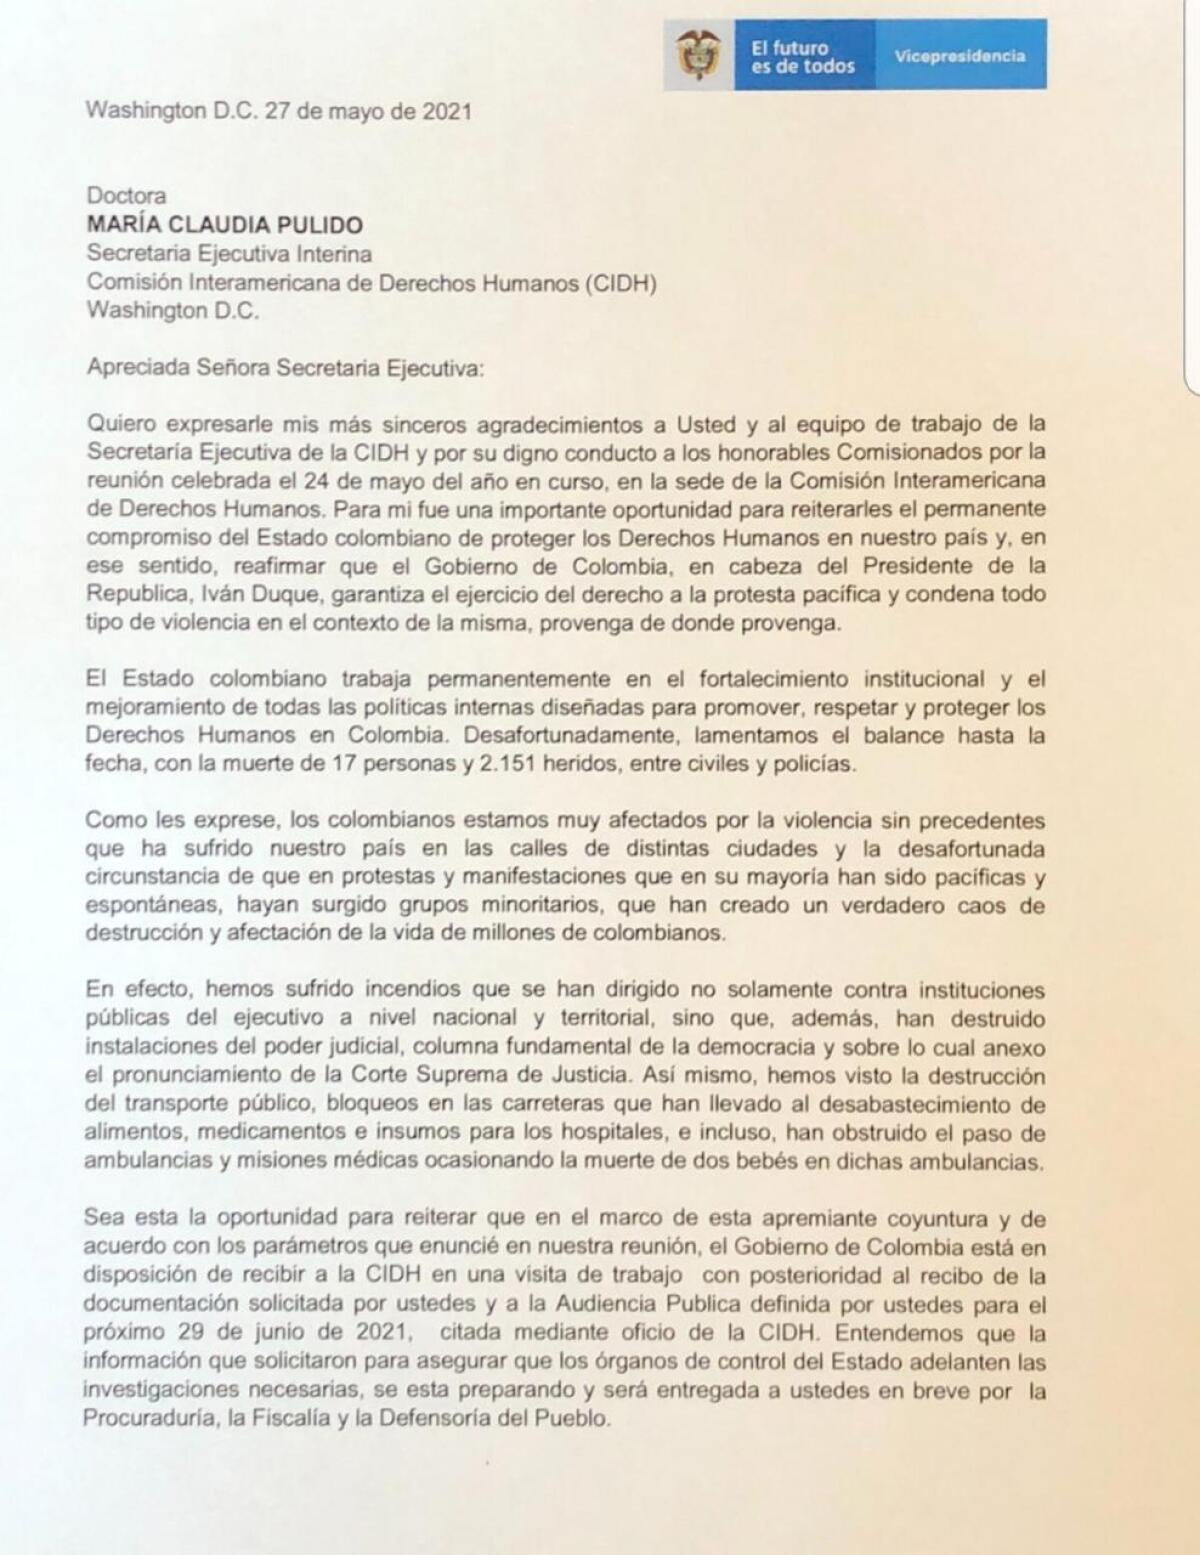 Documento Gobierno a María Claudia Pulido (CIDH)